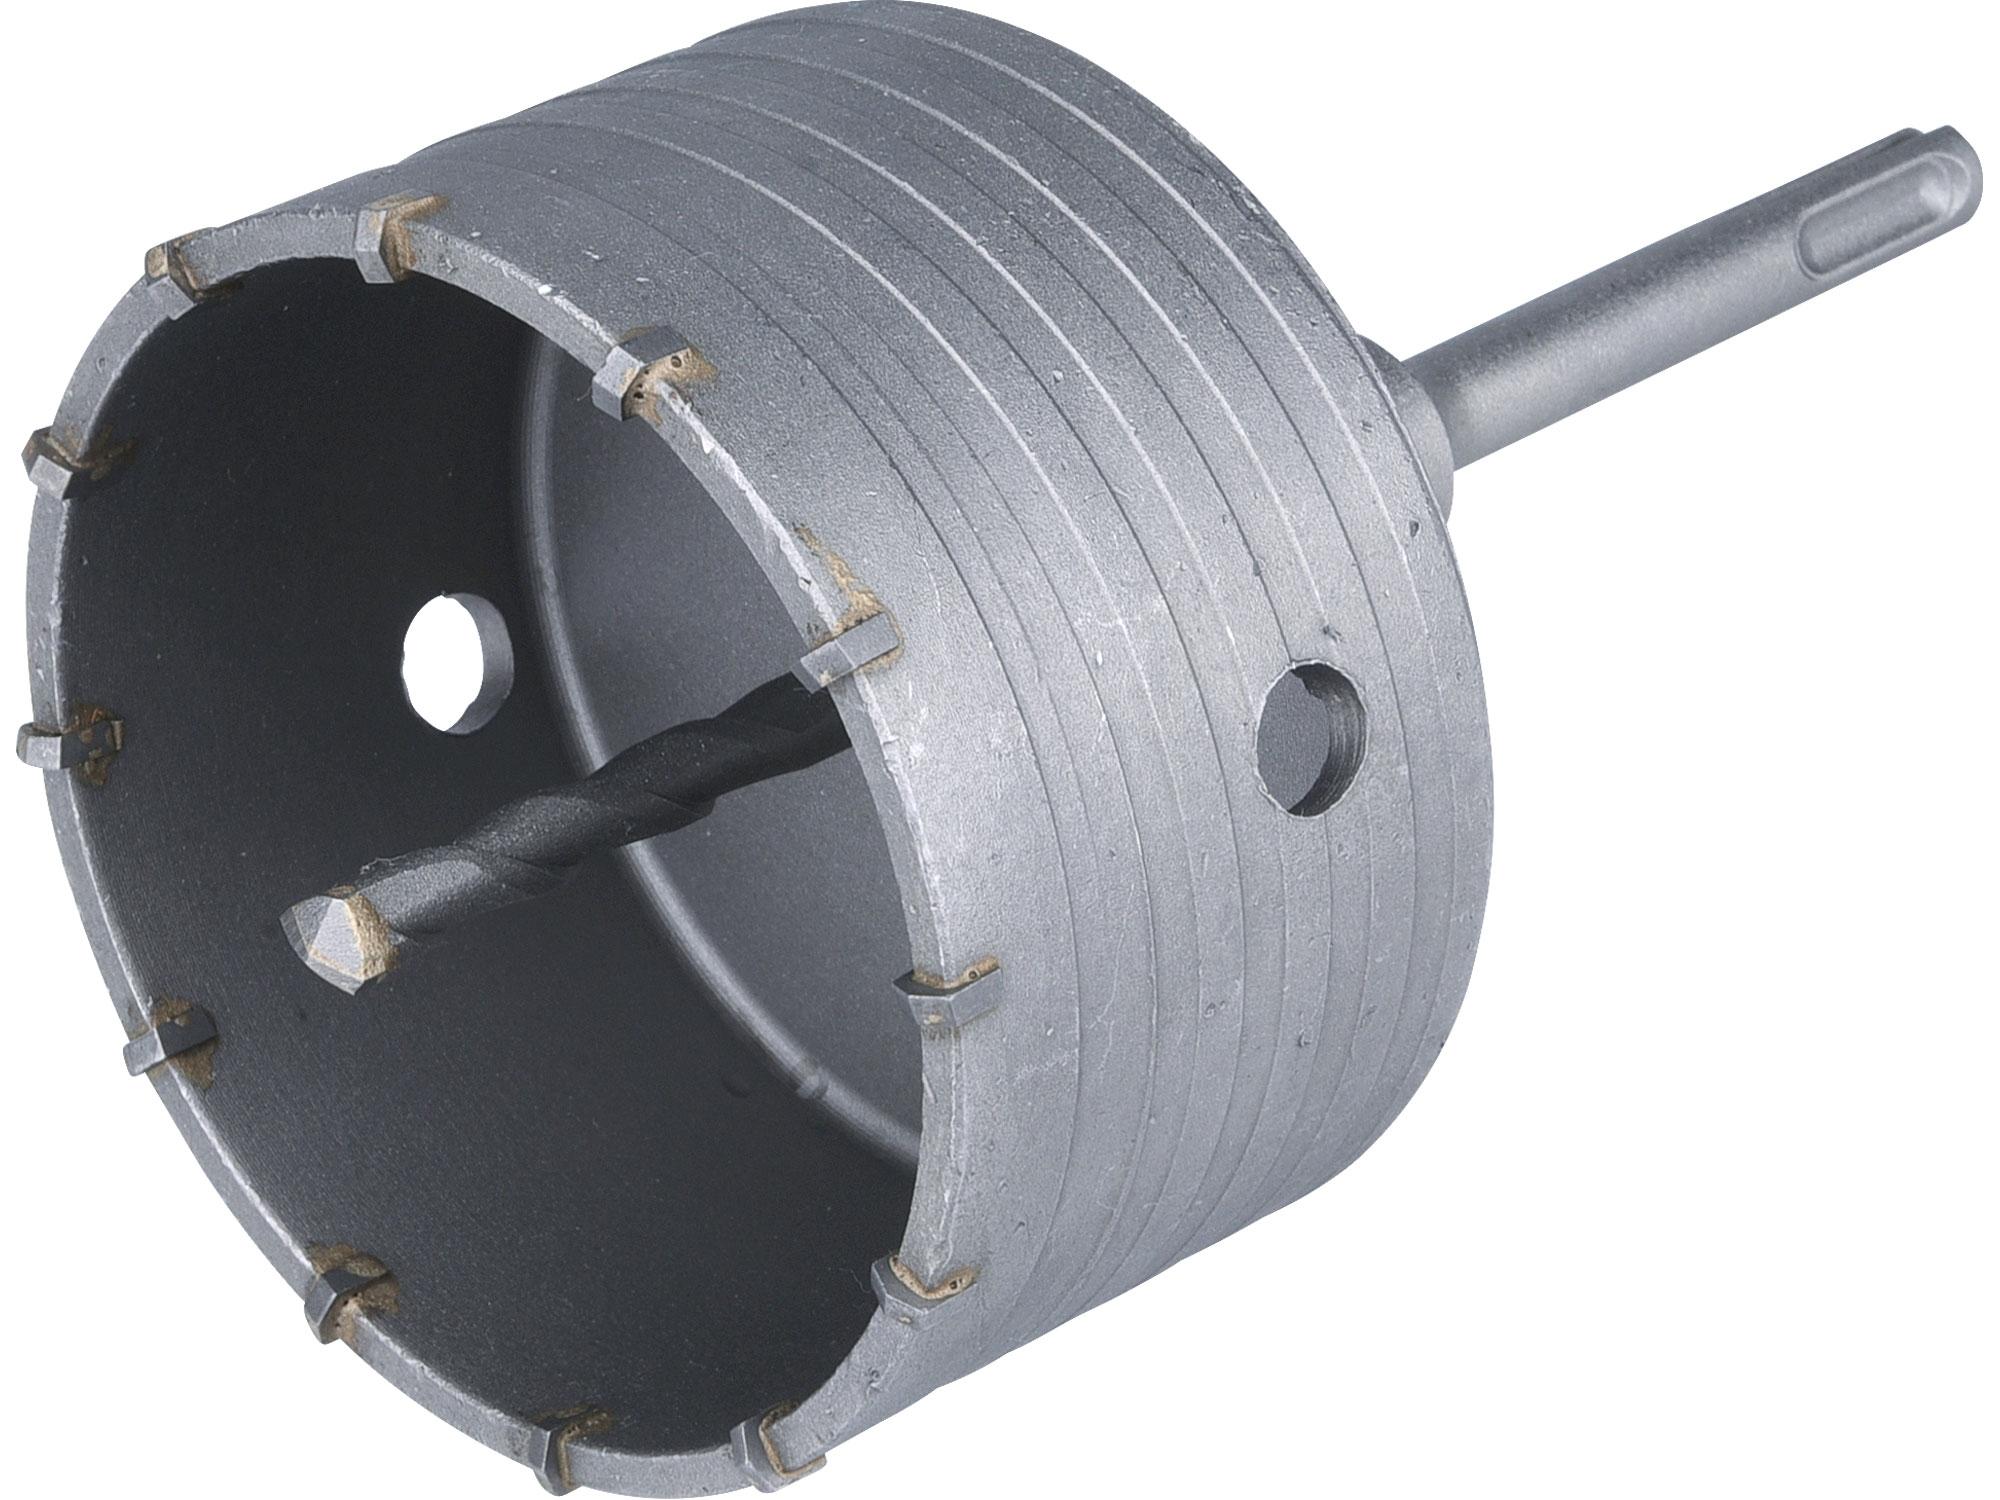 vrták SDS PLUS do zdi korunkový, O 100mm